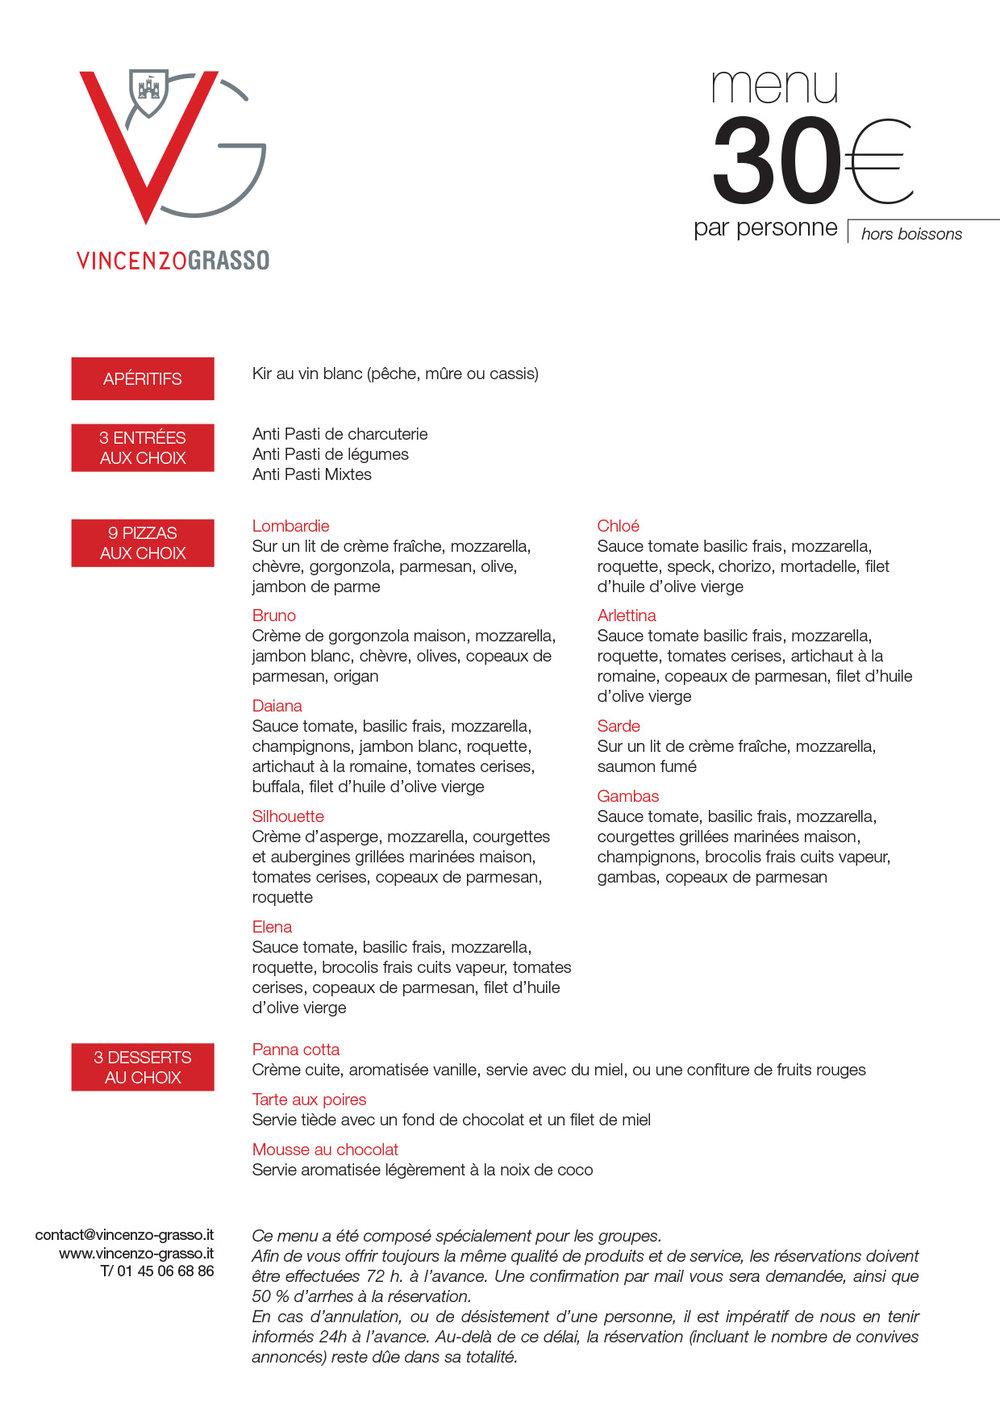 menu_30€.jpg